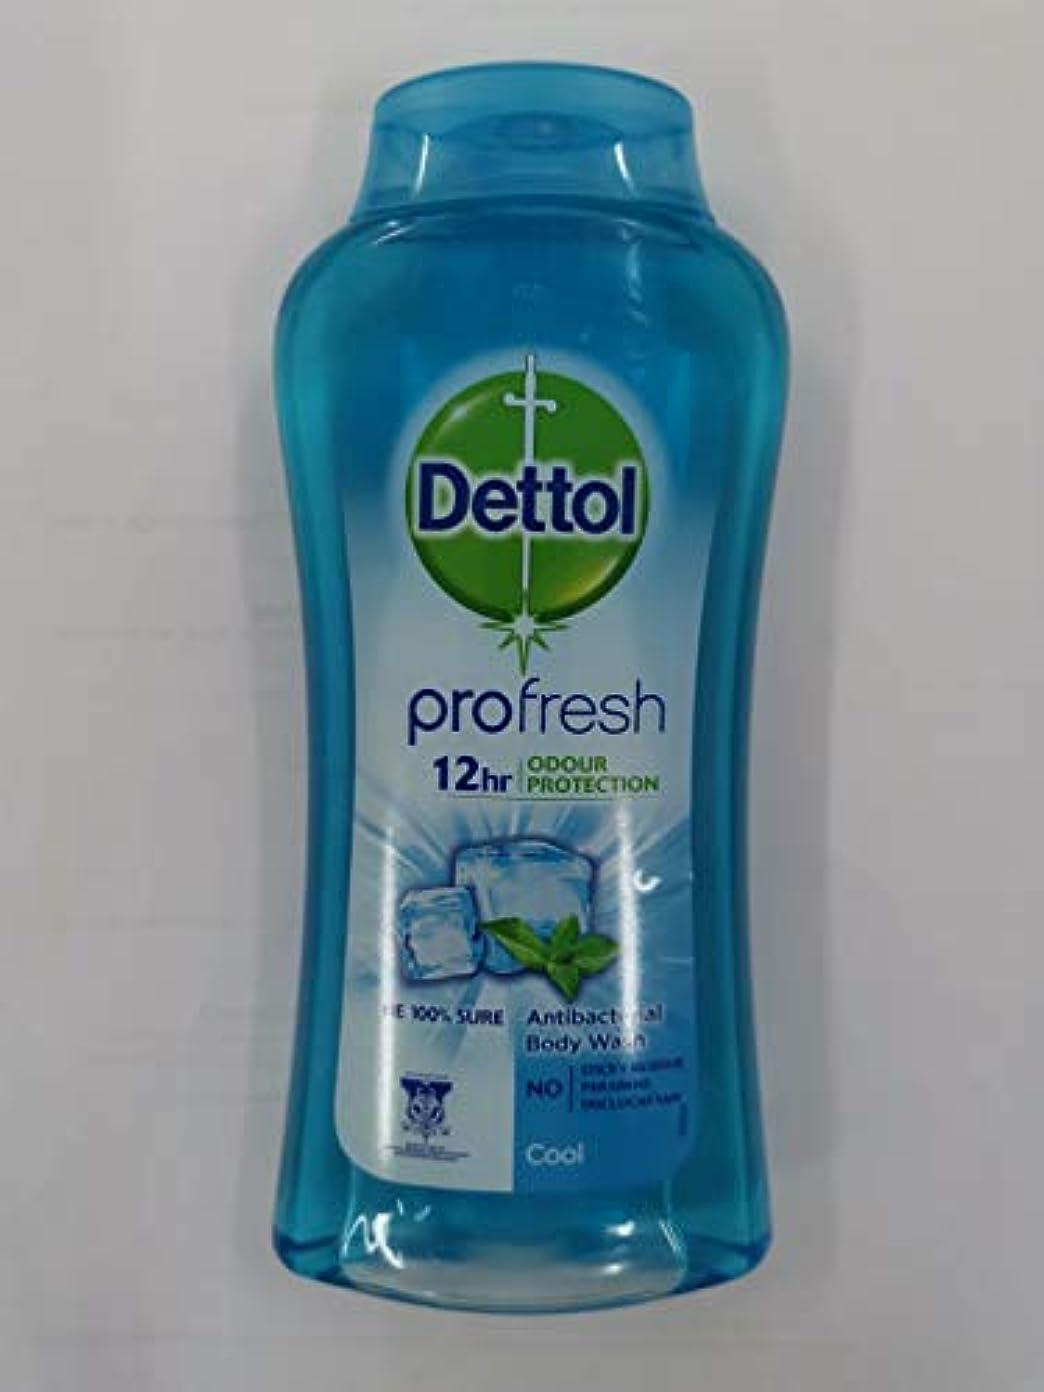 モネ優しい賠償Dettol 100%ソープフリー - - 平衡のpH値 - クリーム含有する毎日の細菌を防ぐために、コールドシャワージェル250mLの